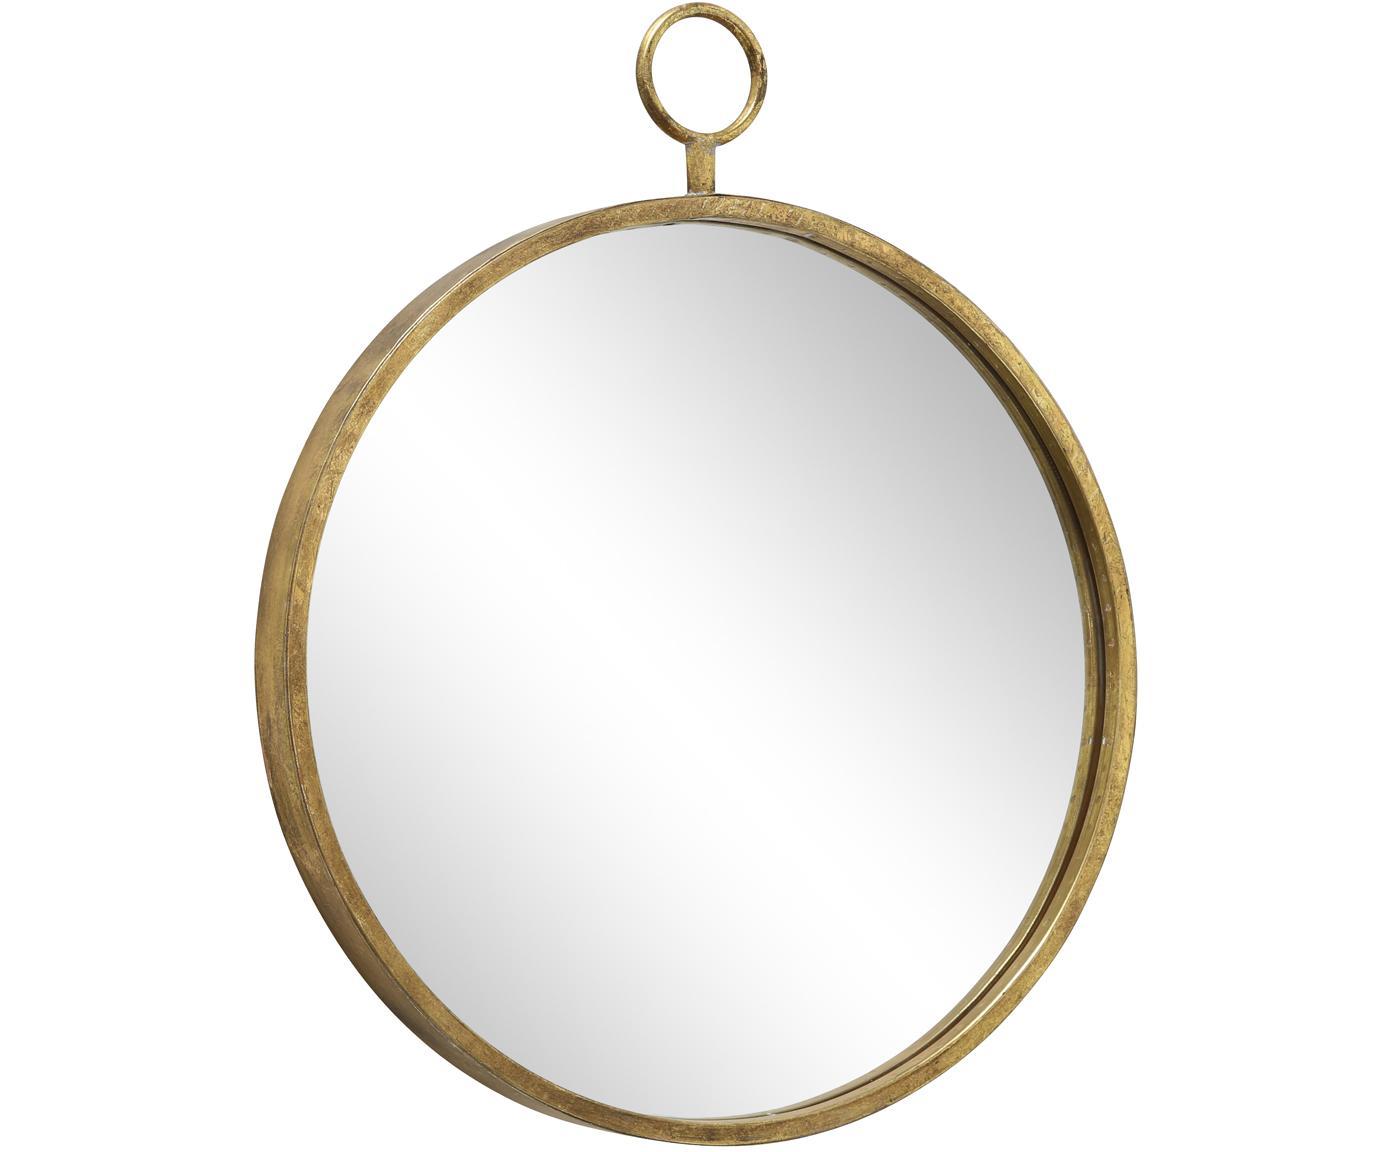 Espejo de pared redondo Prado, Metal, espejo de cristal, Latón, An 55 x Al 66 cm